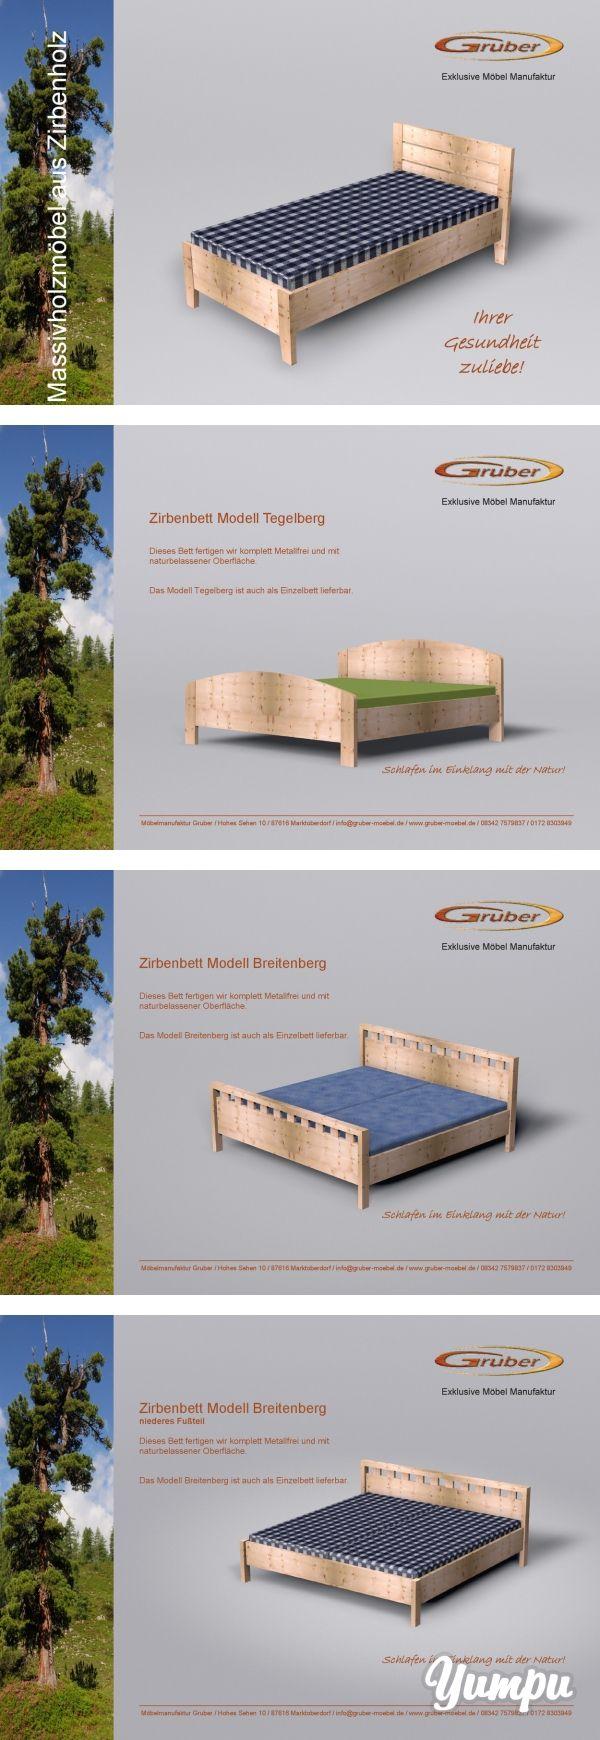 Massivholzmöbel aus Zirbenholz-Betten für einen gesunden Schlaf